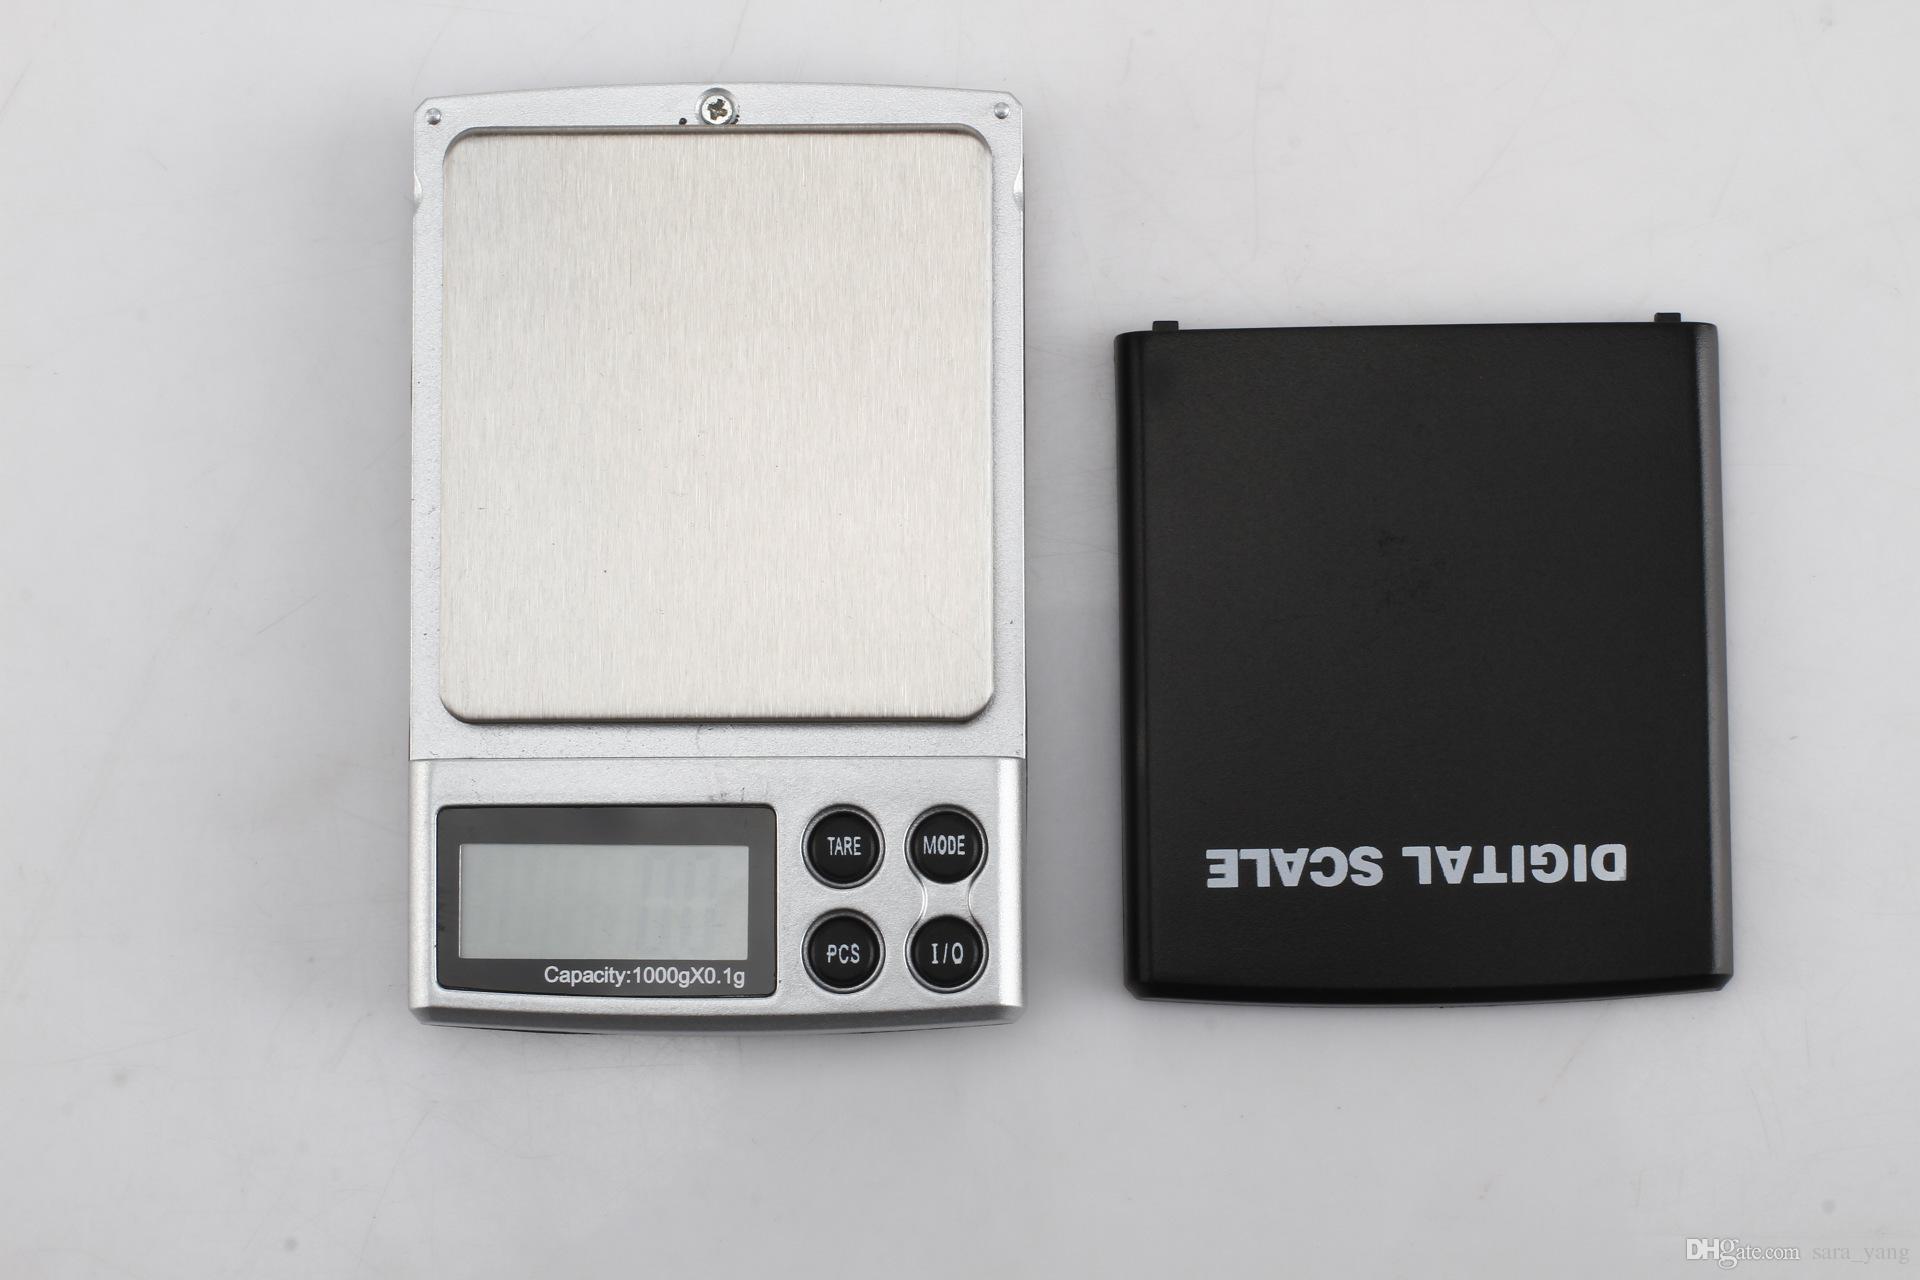 200 unids Portátil LCD Mini Balanza Electrónica Escala de Peso Joyería de Bolsillo Diamante Básculas de Pesaje 1000g x 0.1g lin2488